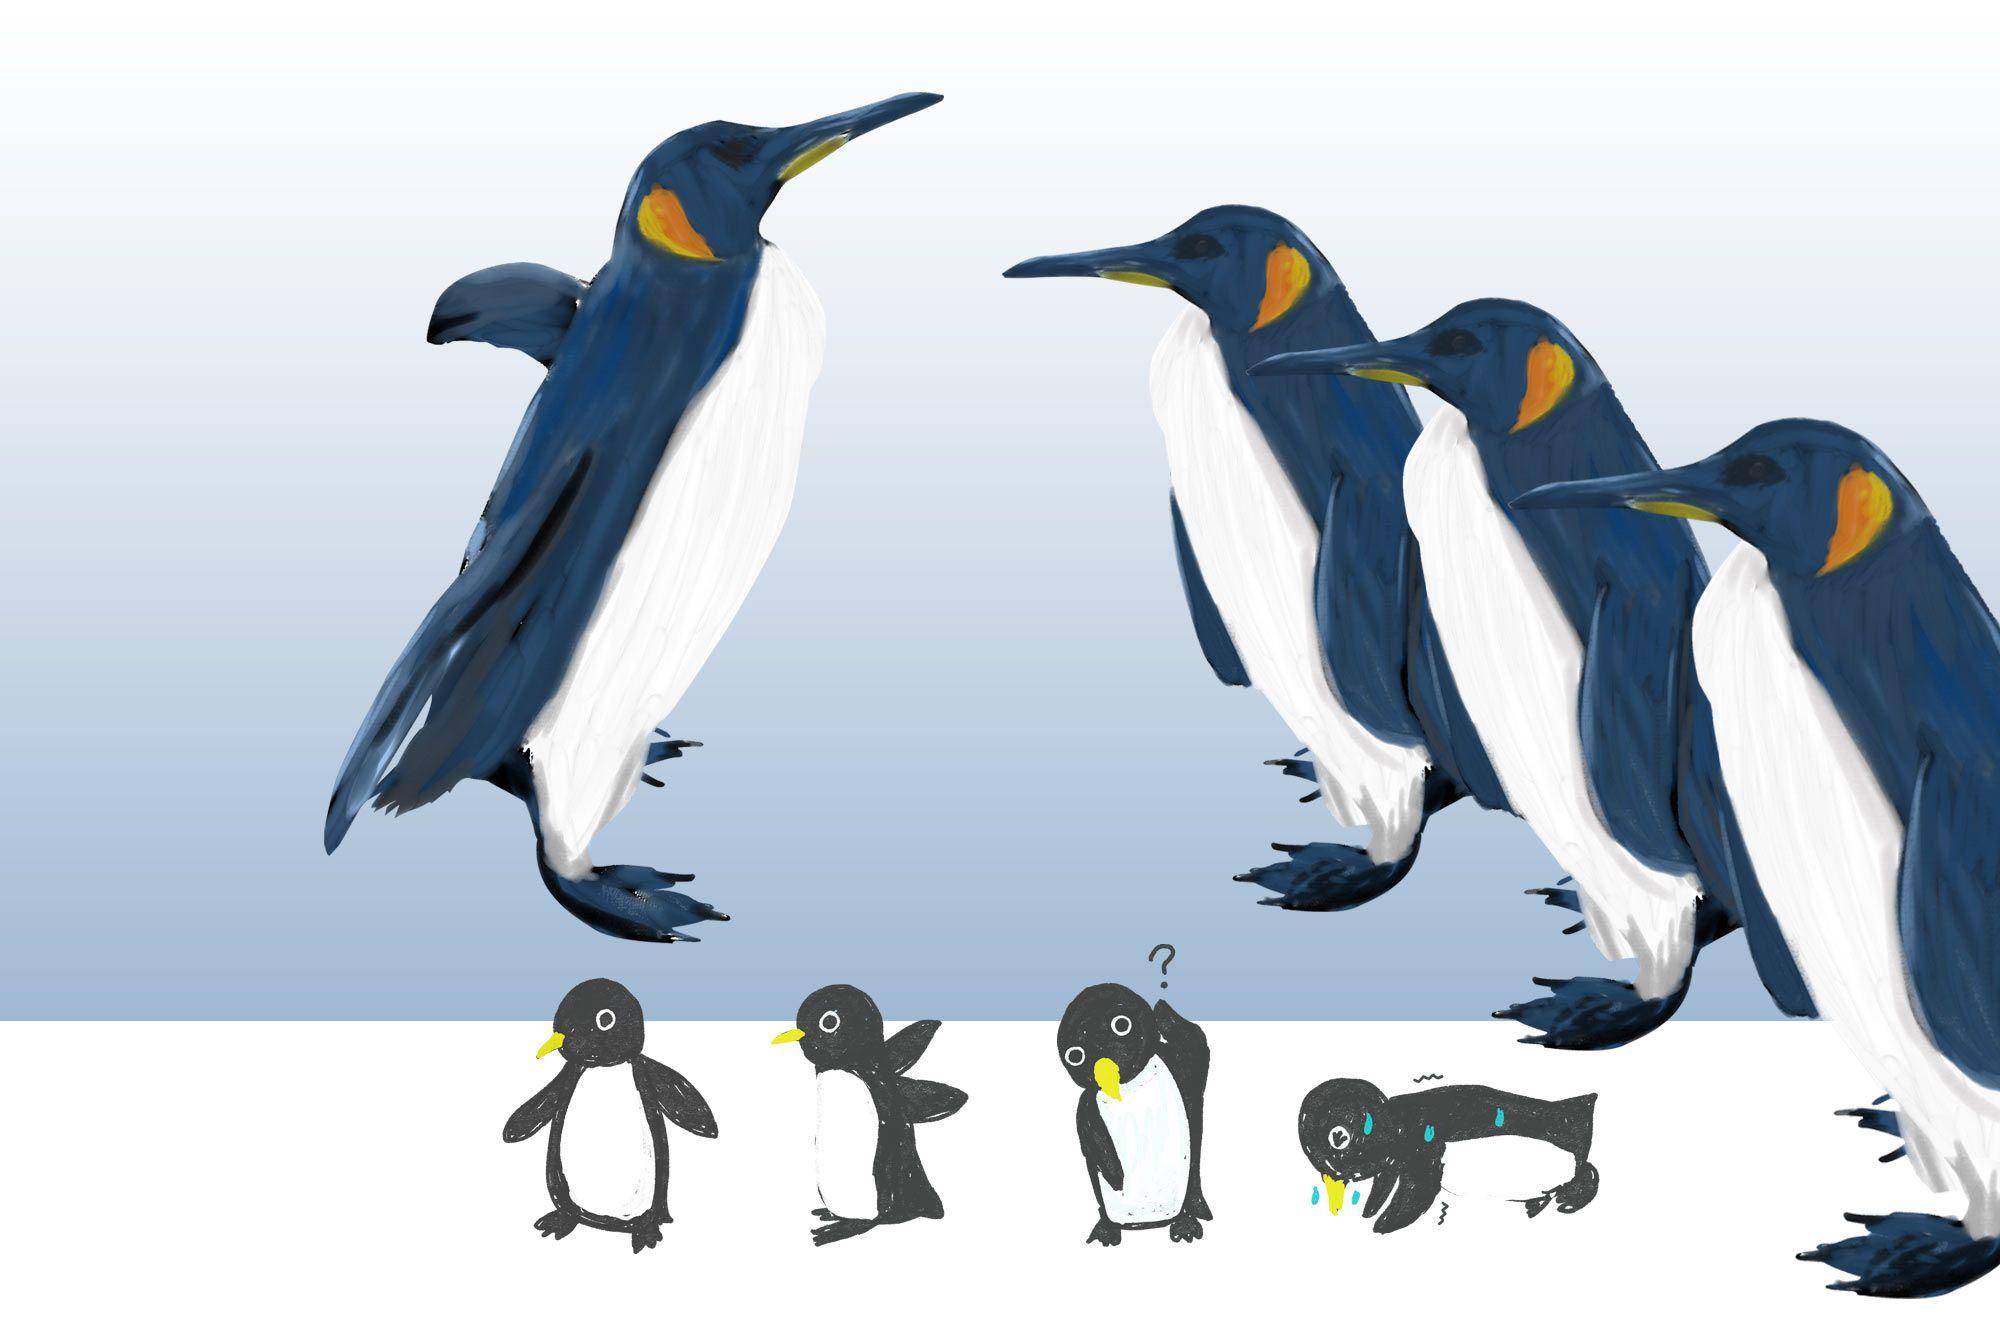 ペンギンイラスト:可愛いペンギンの無料イラスト素材!氷の上に